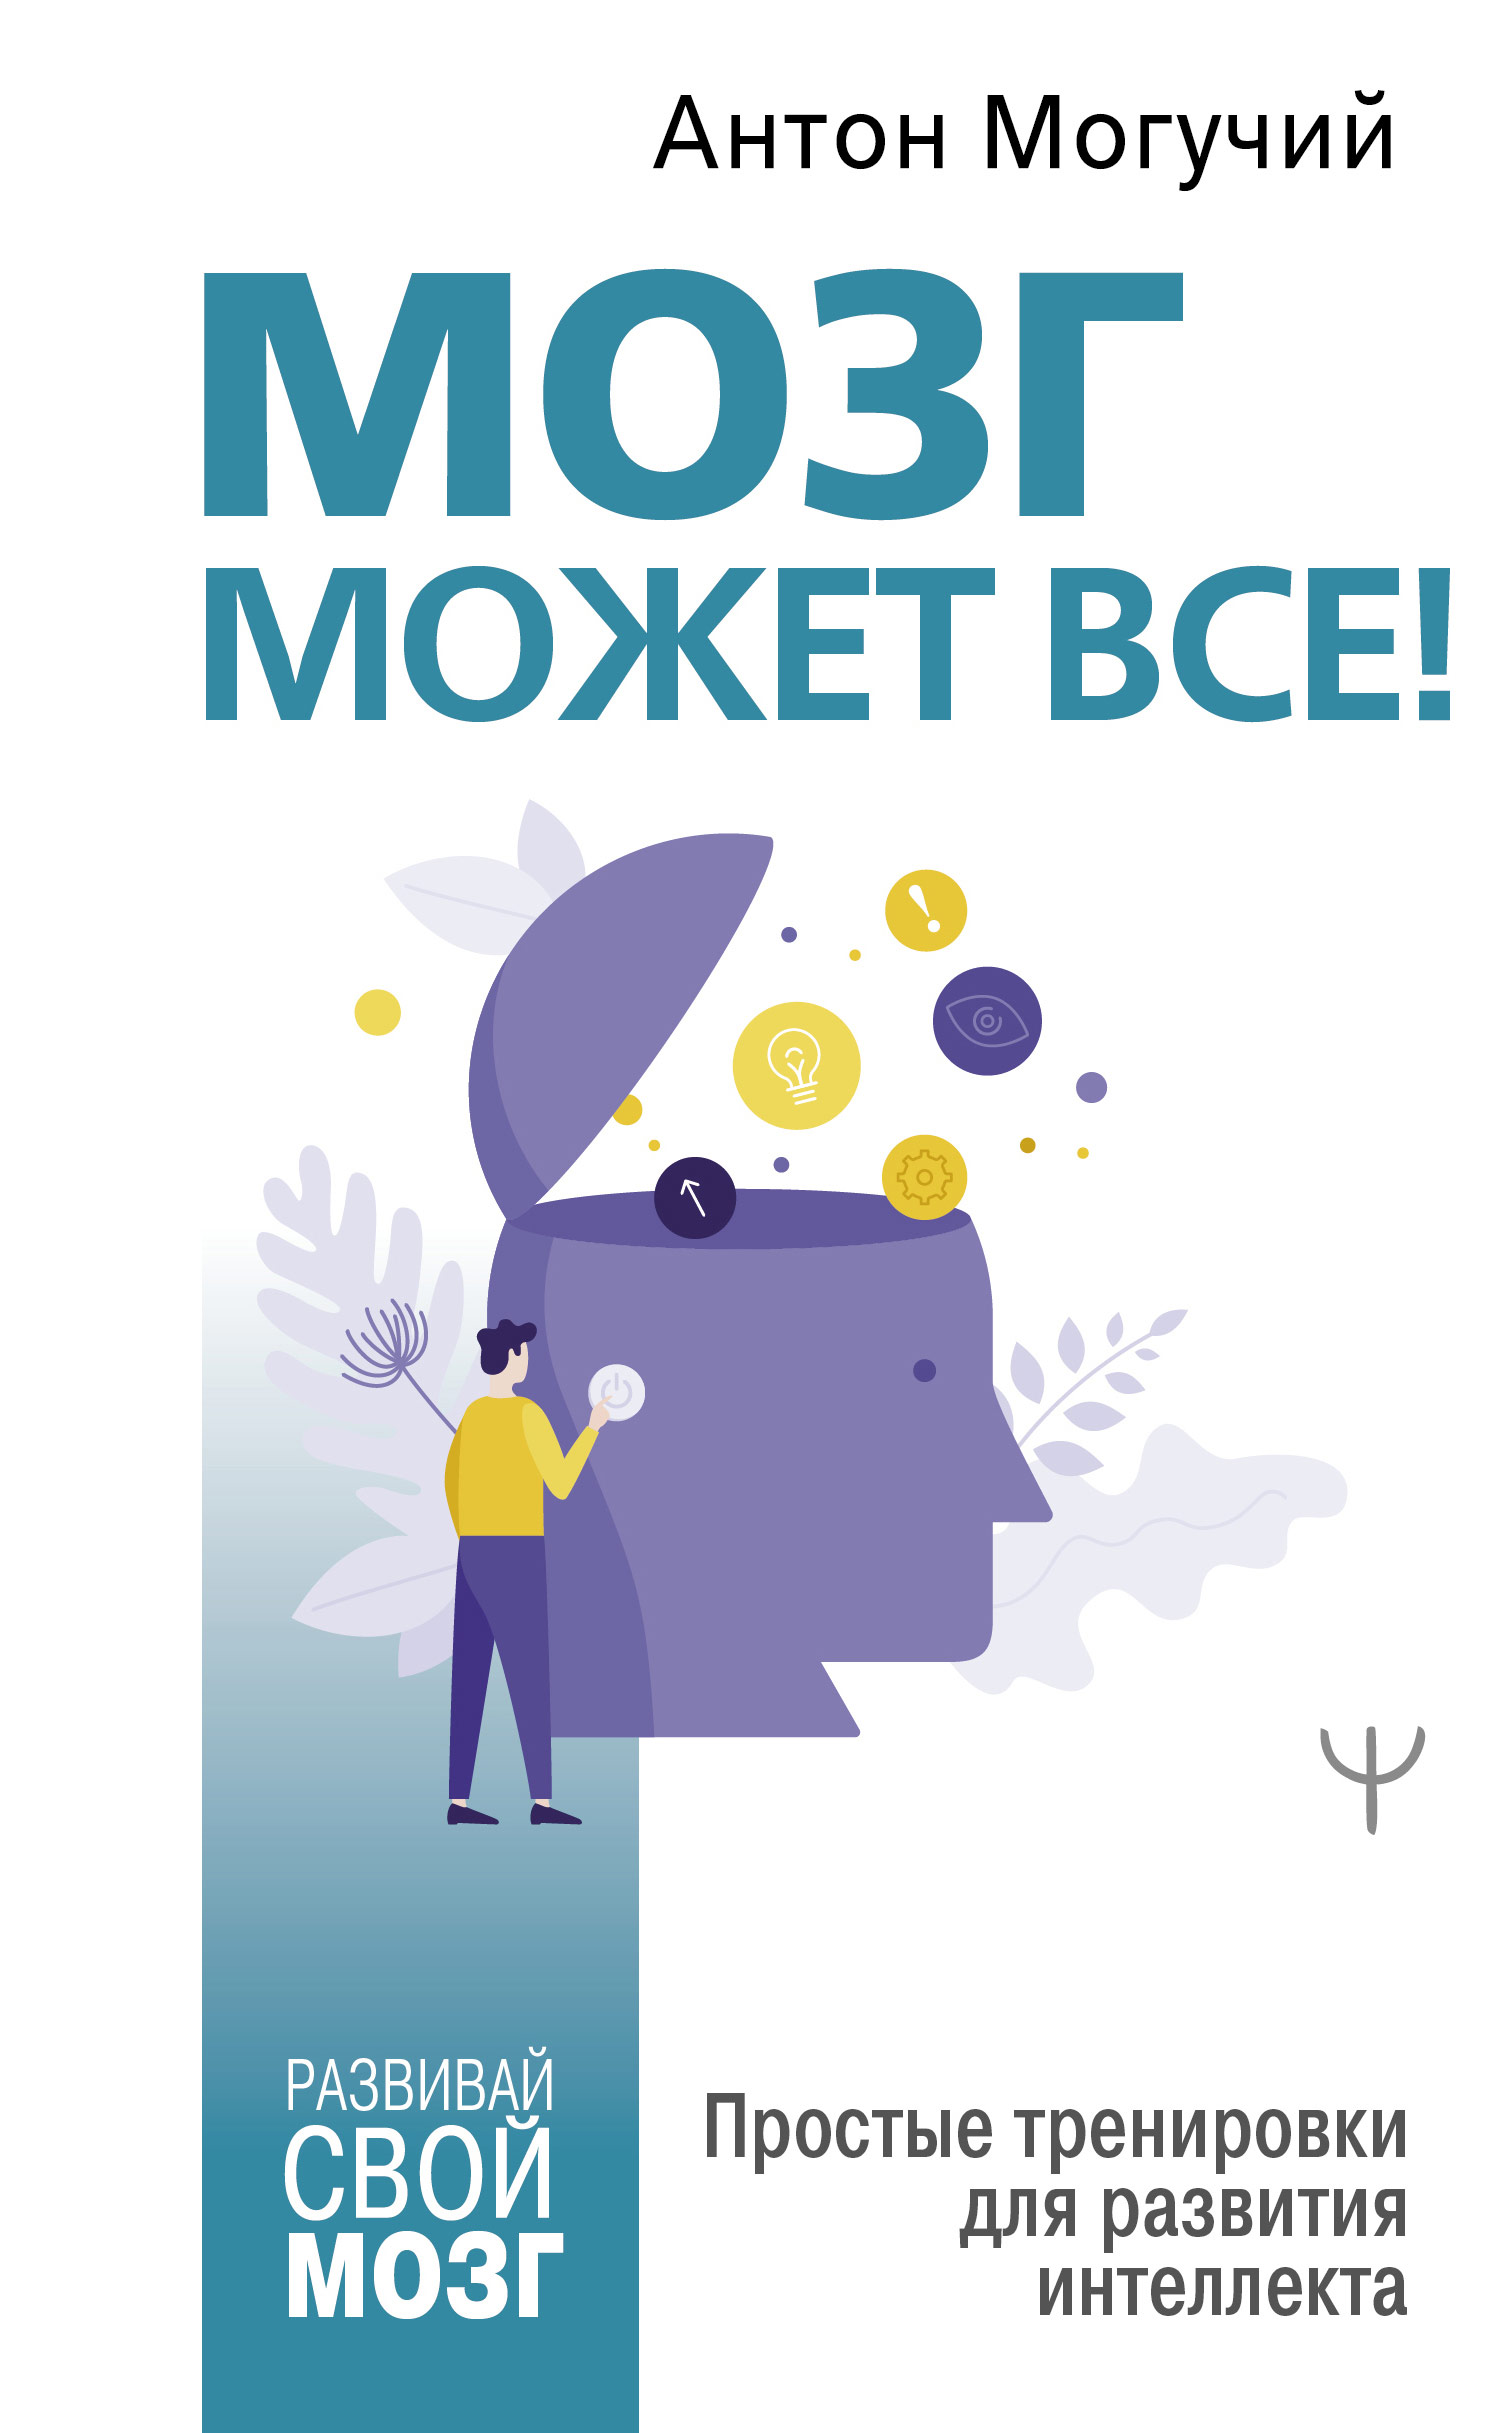 Антон Могучий «Супертренажер мозга для развития сверхспособностей. Активизируй «зоны гениальности»»